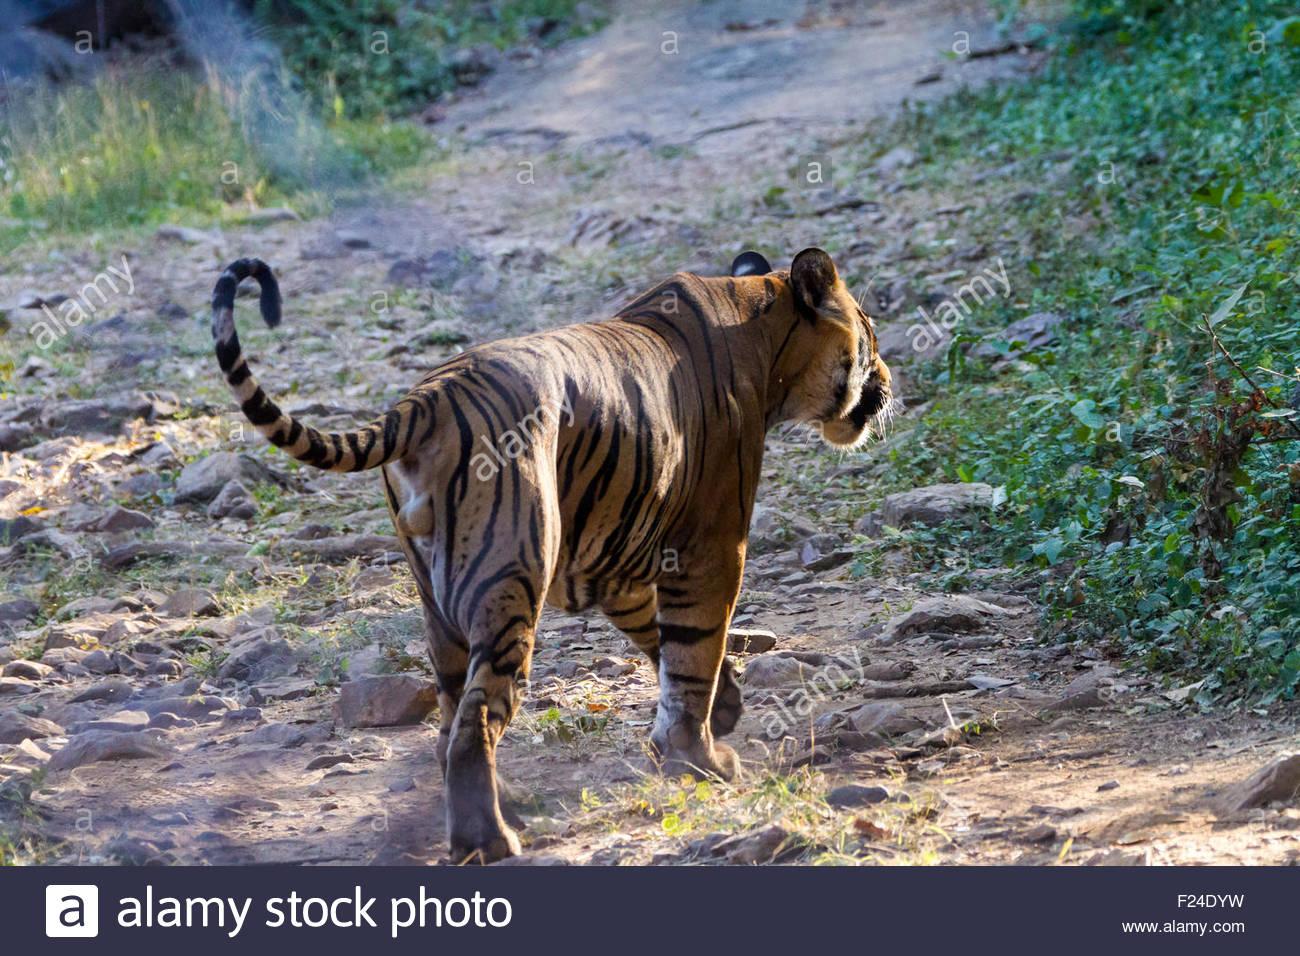 Un maschio di tigre del Bengala nel Parco nazionale di Ranthambore si allontana verso il basso un percorso sterrato. Immagini Stock